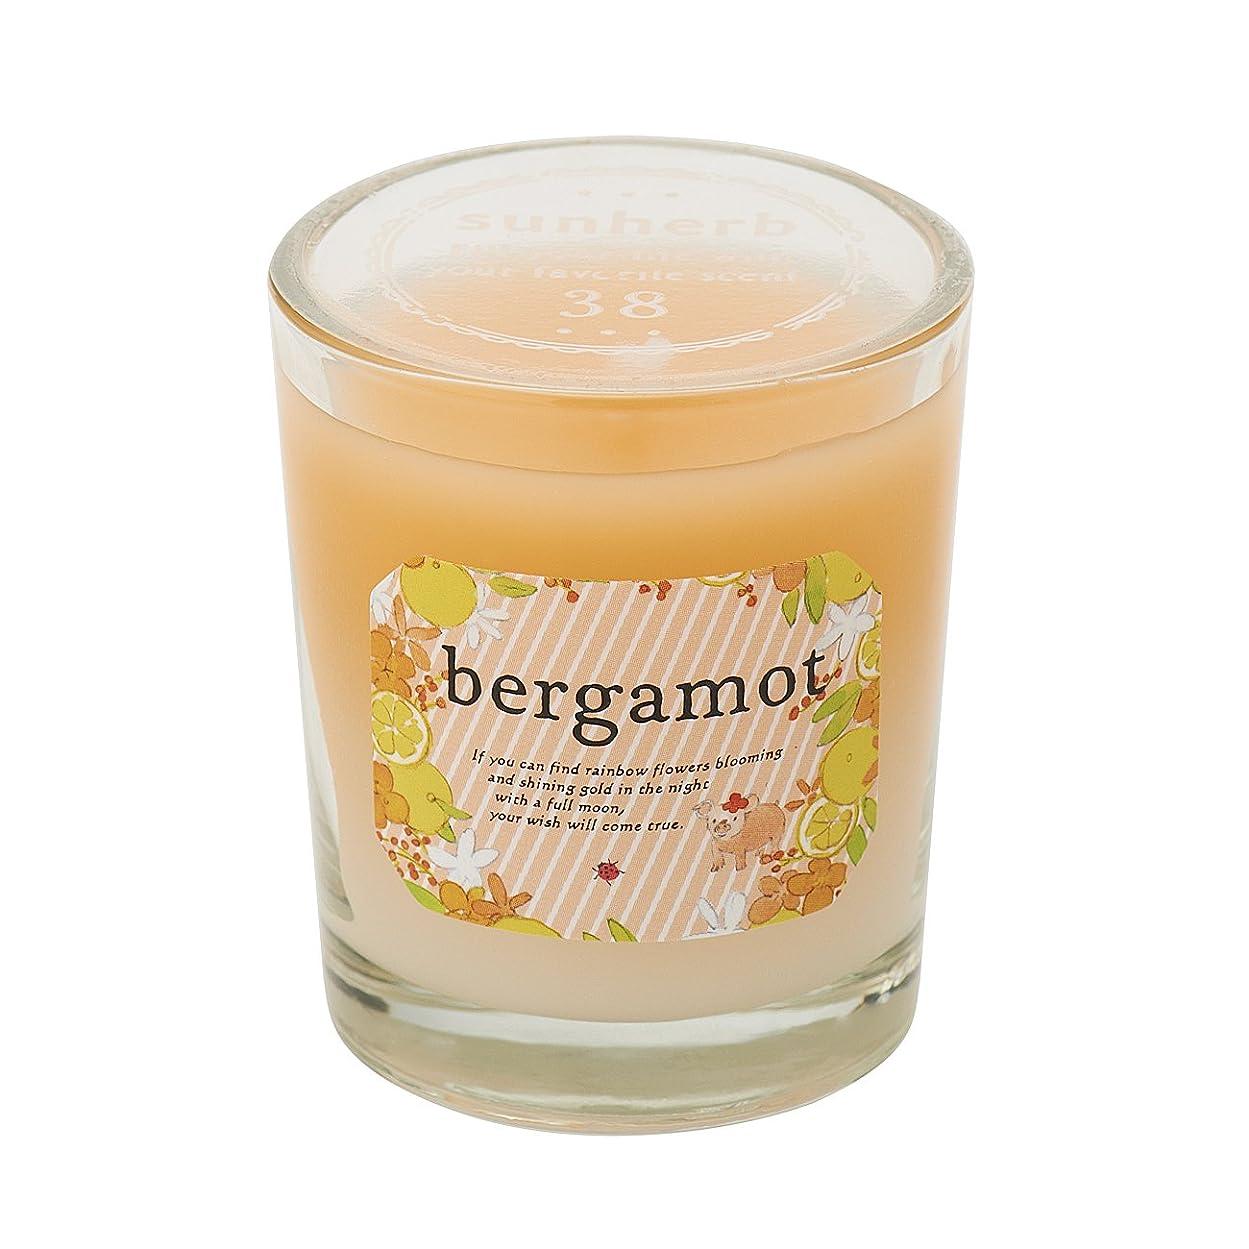 可聴継続中歴史的サンハーブ グラスキャンドル ベルガモット 35g(グラデーションろうそく 燃焼時間約10時間 懐かしい甘酸っぱい香り)